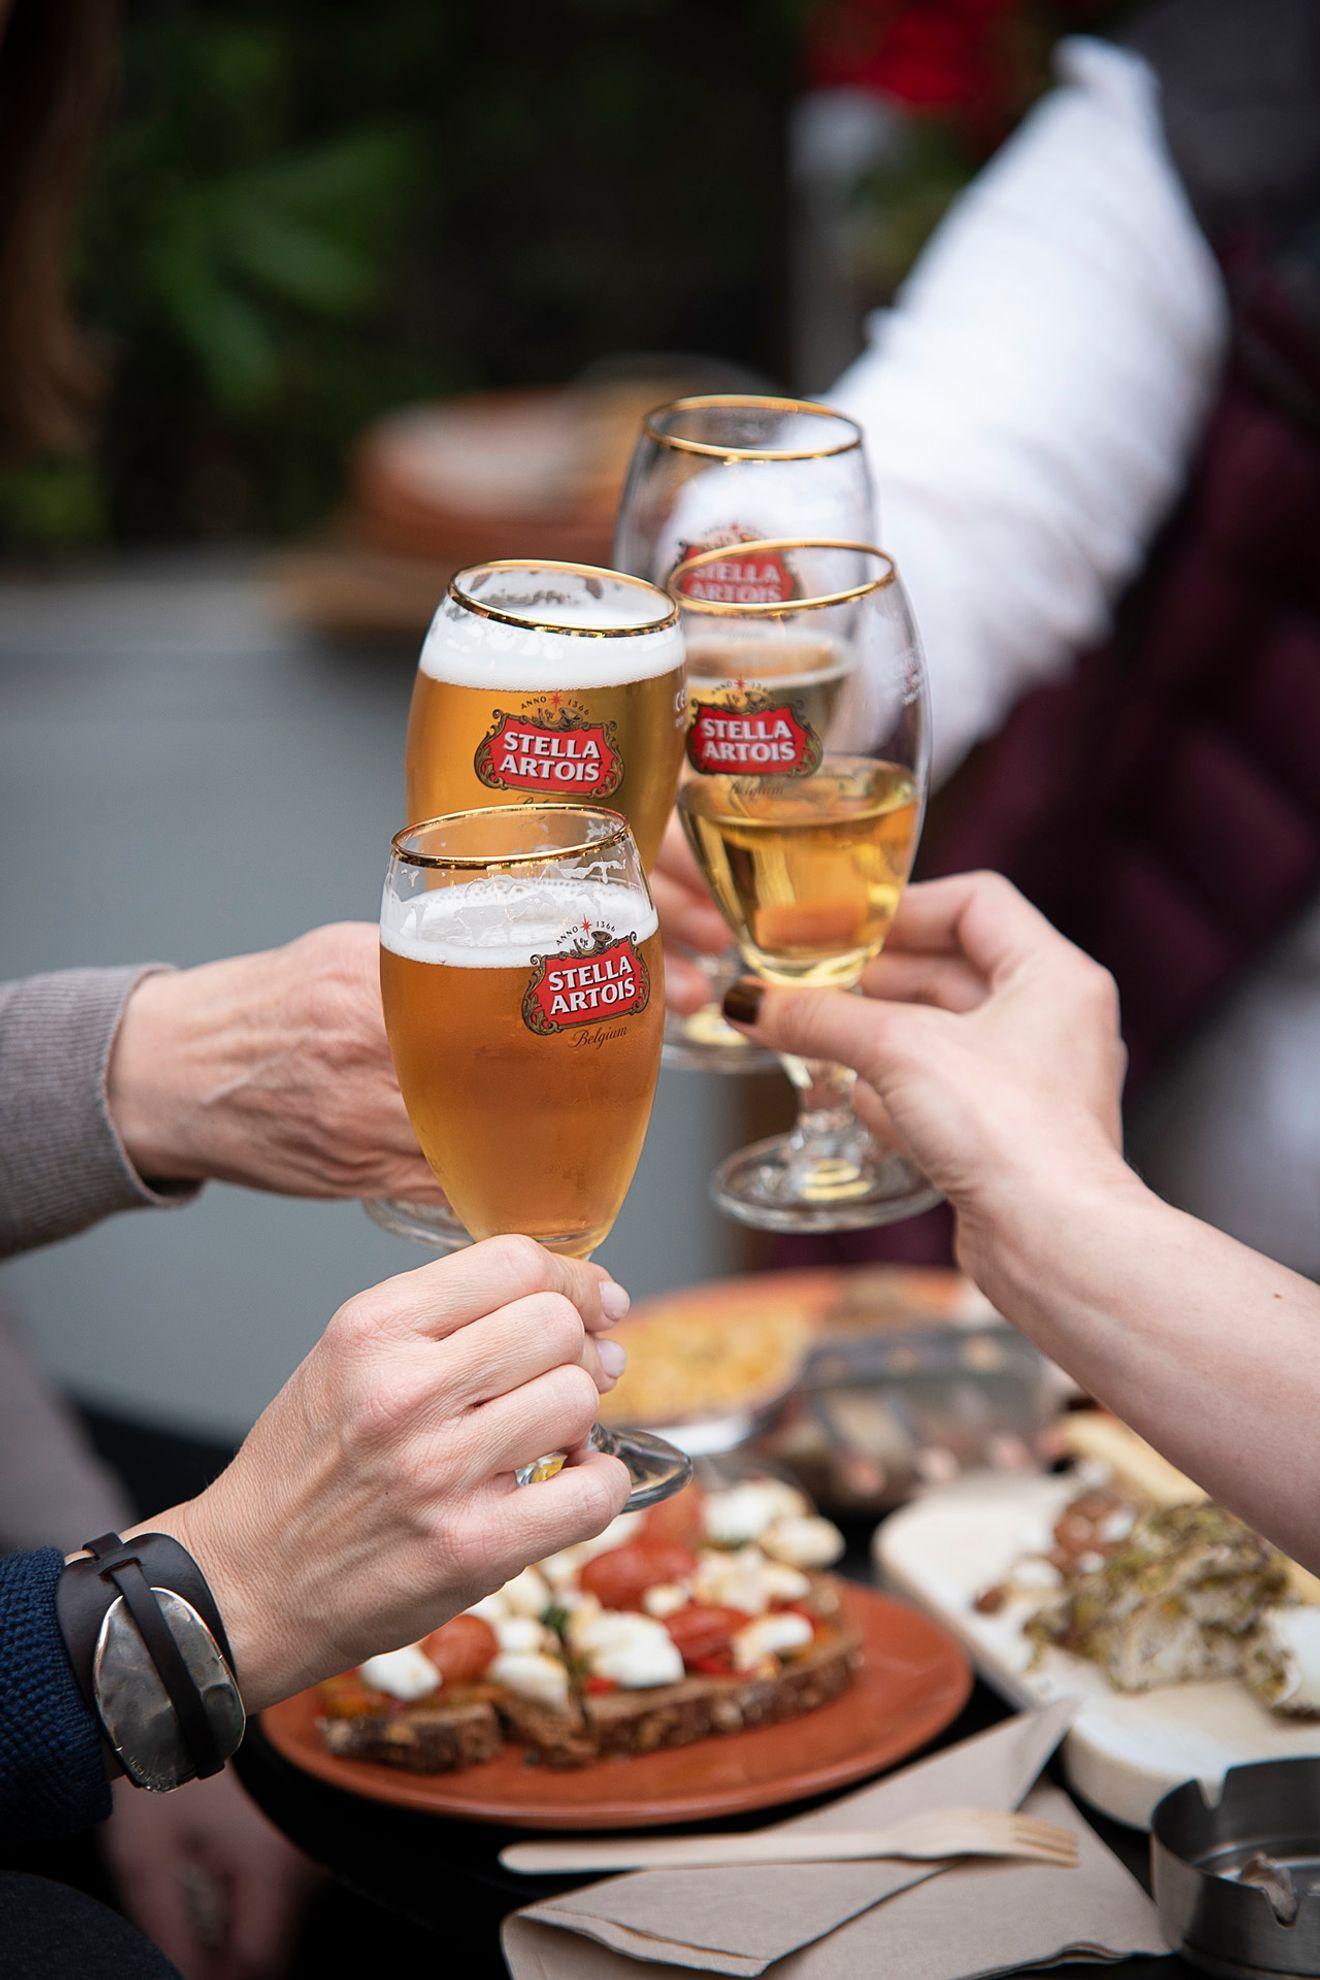 Amvyx Bienvenue au Joie de Bière!